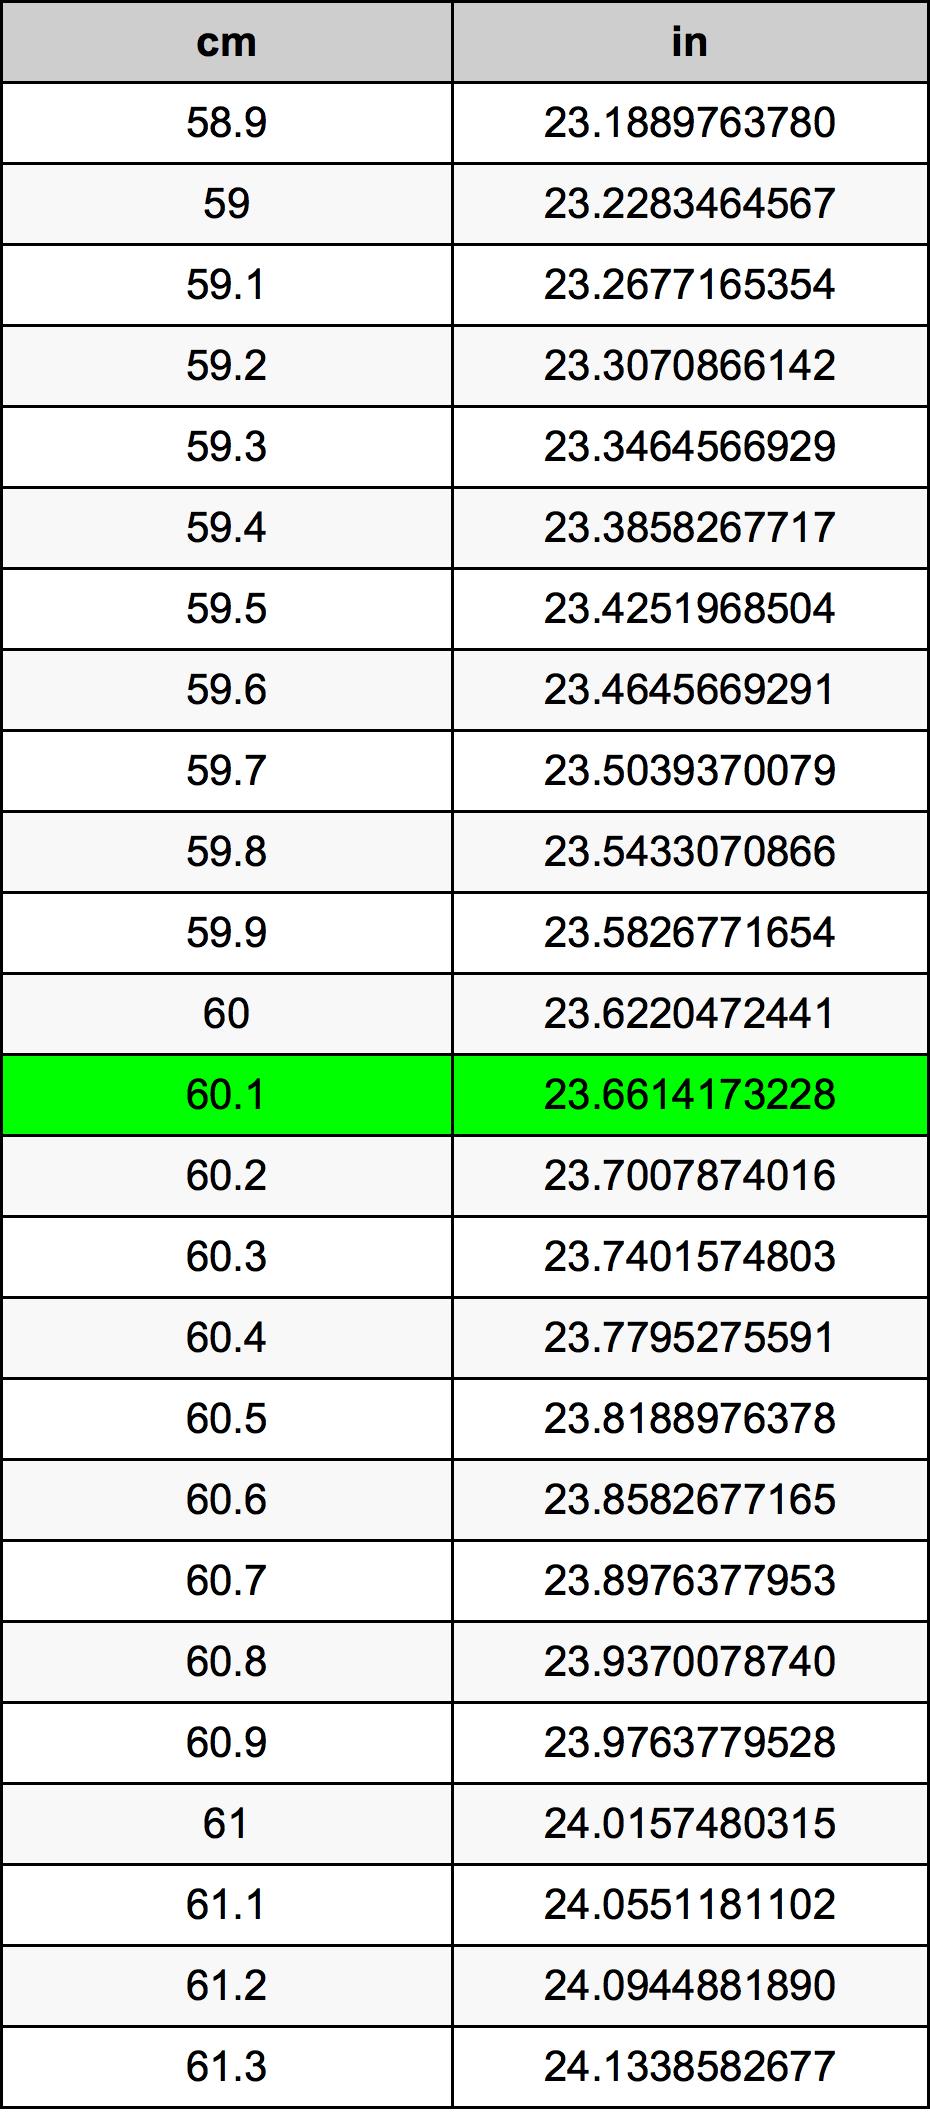 60.1センチメートル換算表